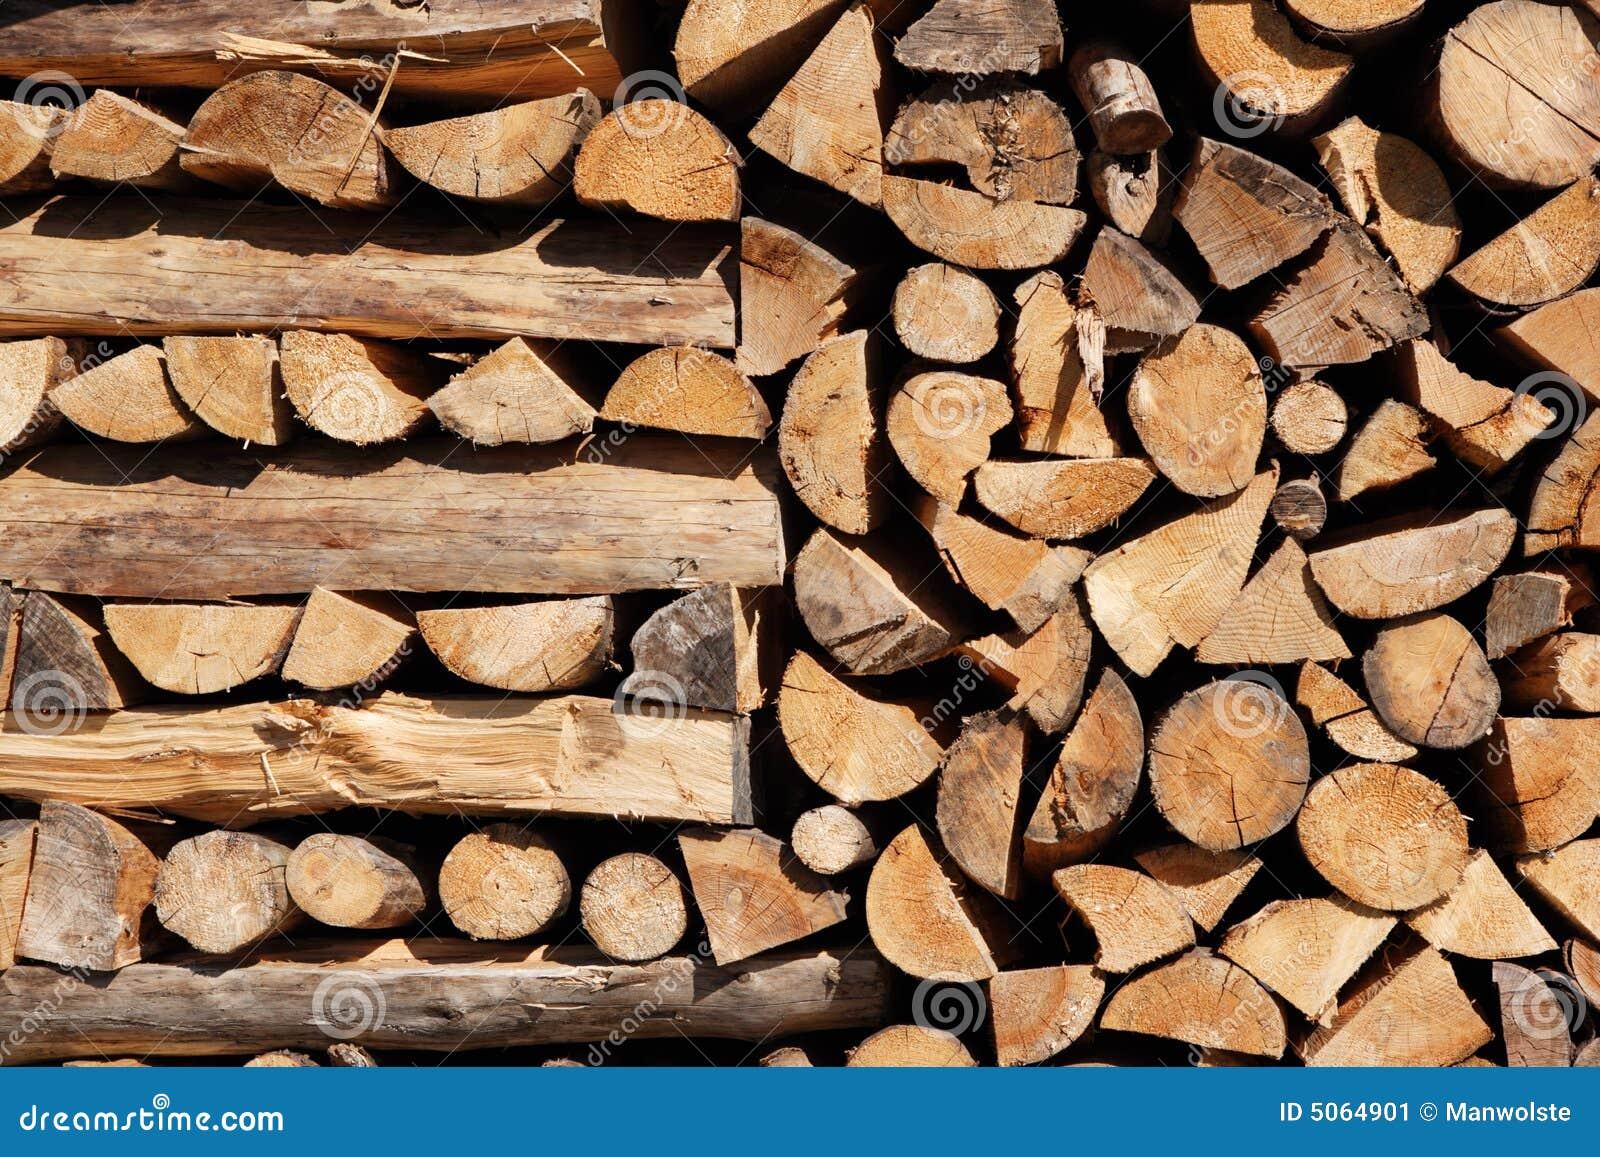 Stapel van hout